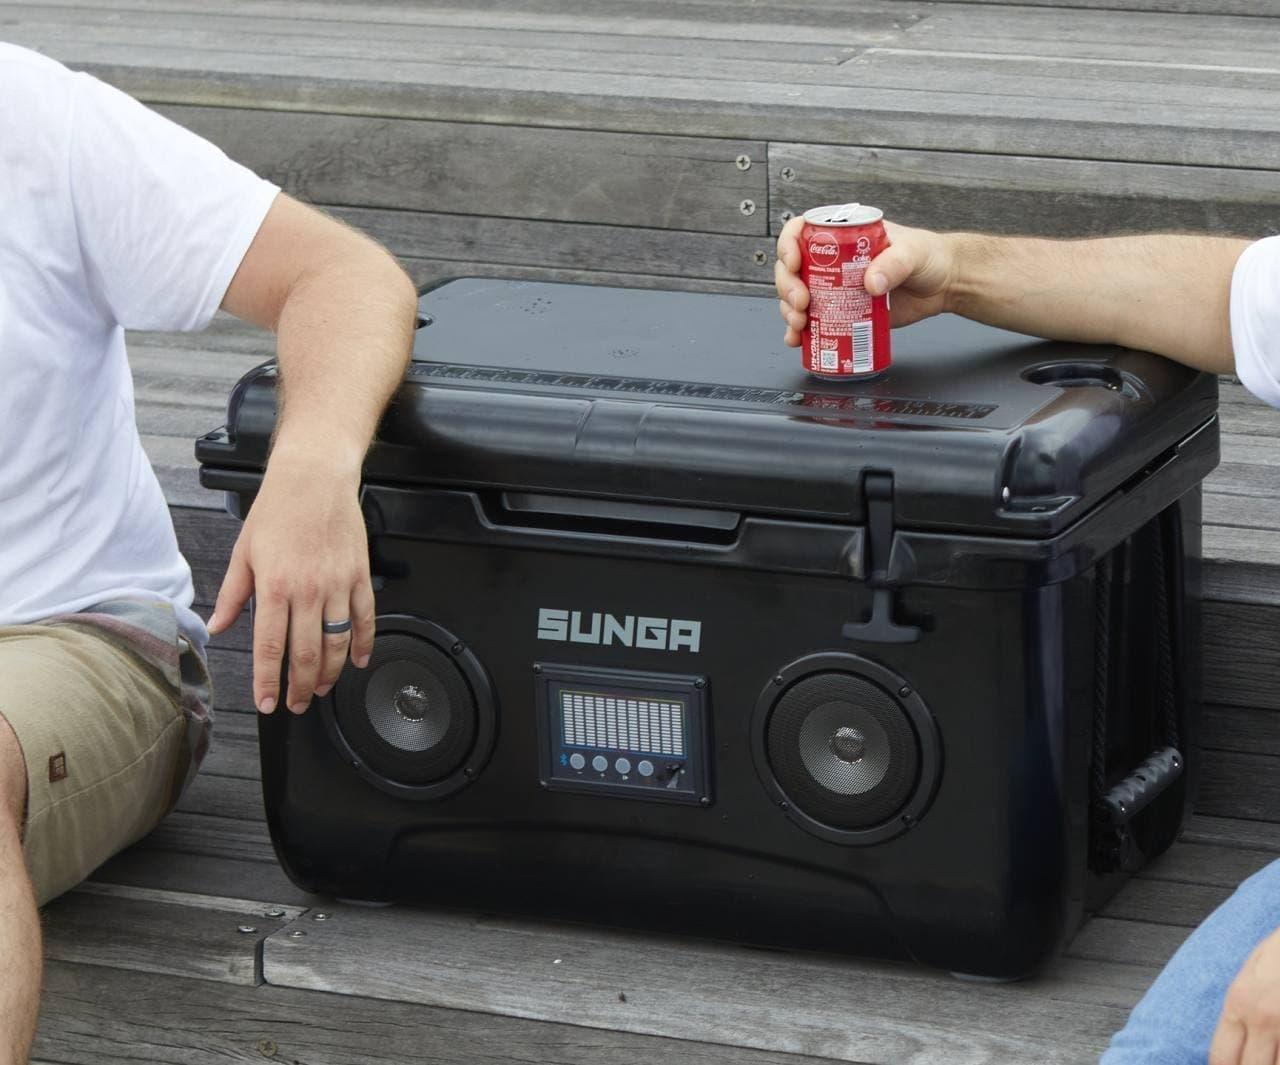 キャンプに音楽と冷たいドリンクを SUNGA「Bluetoothスピーカー内蔵 クーラーボックス」